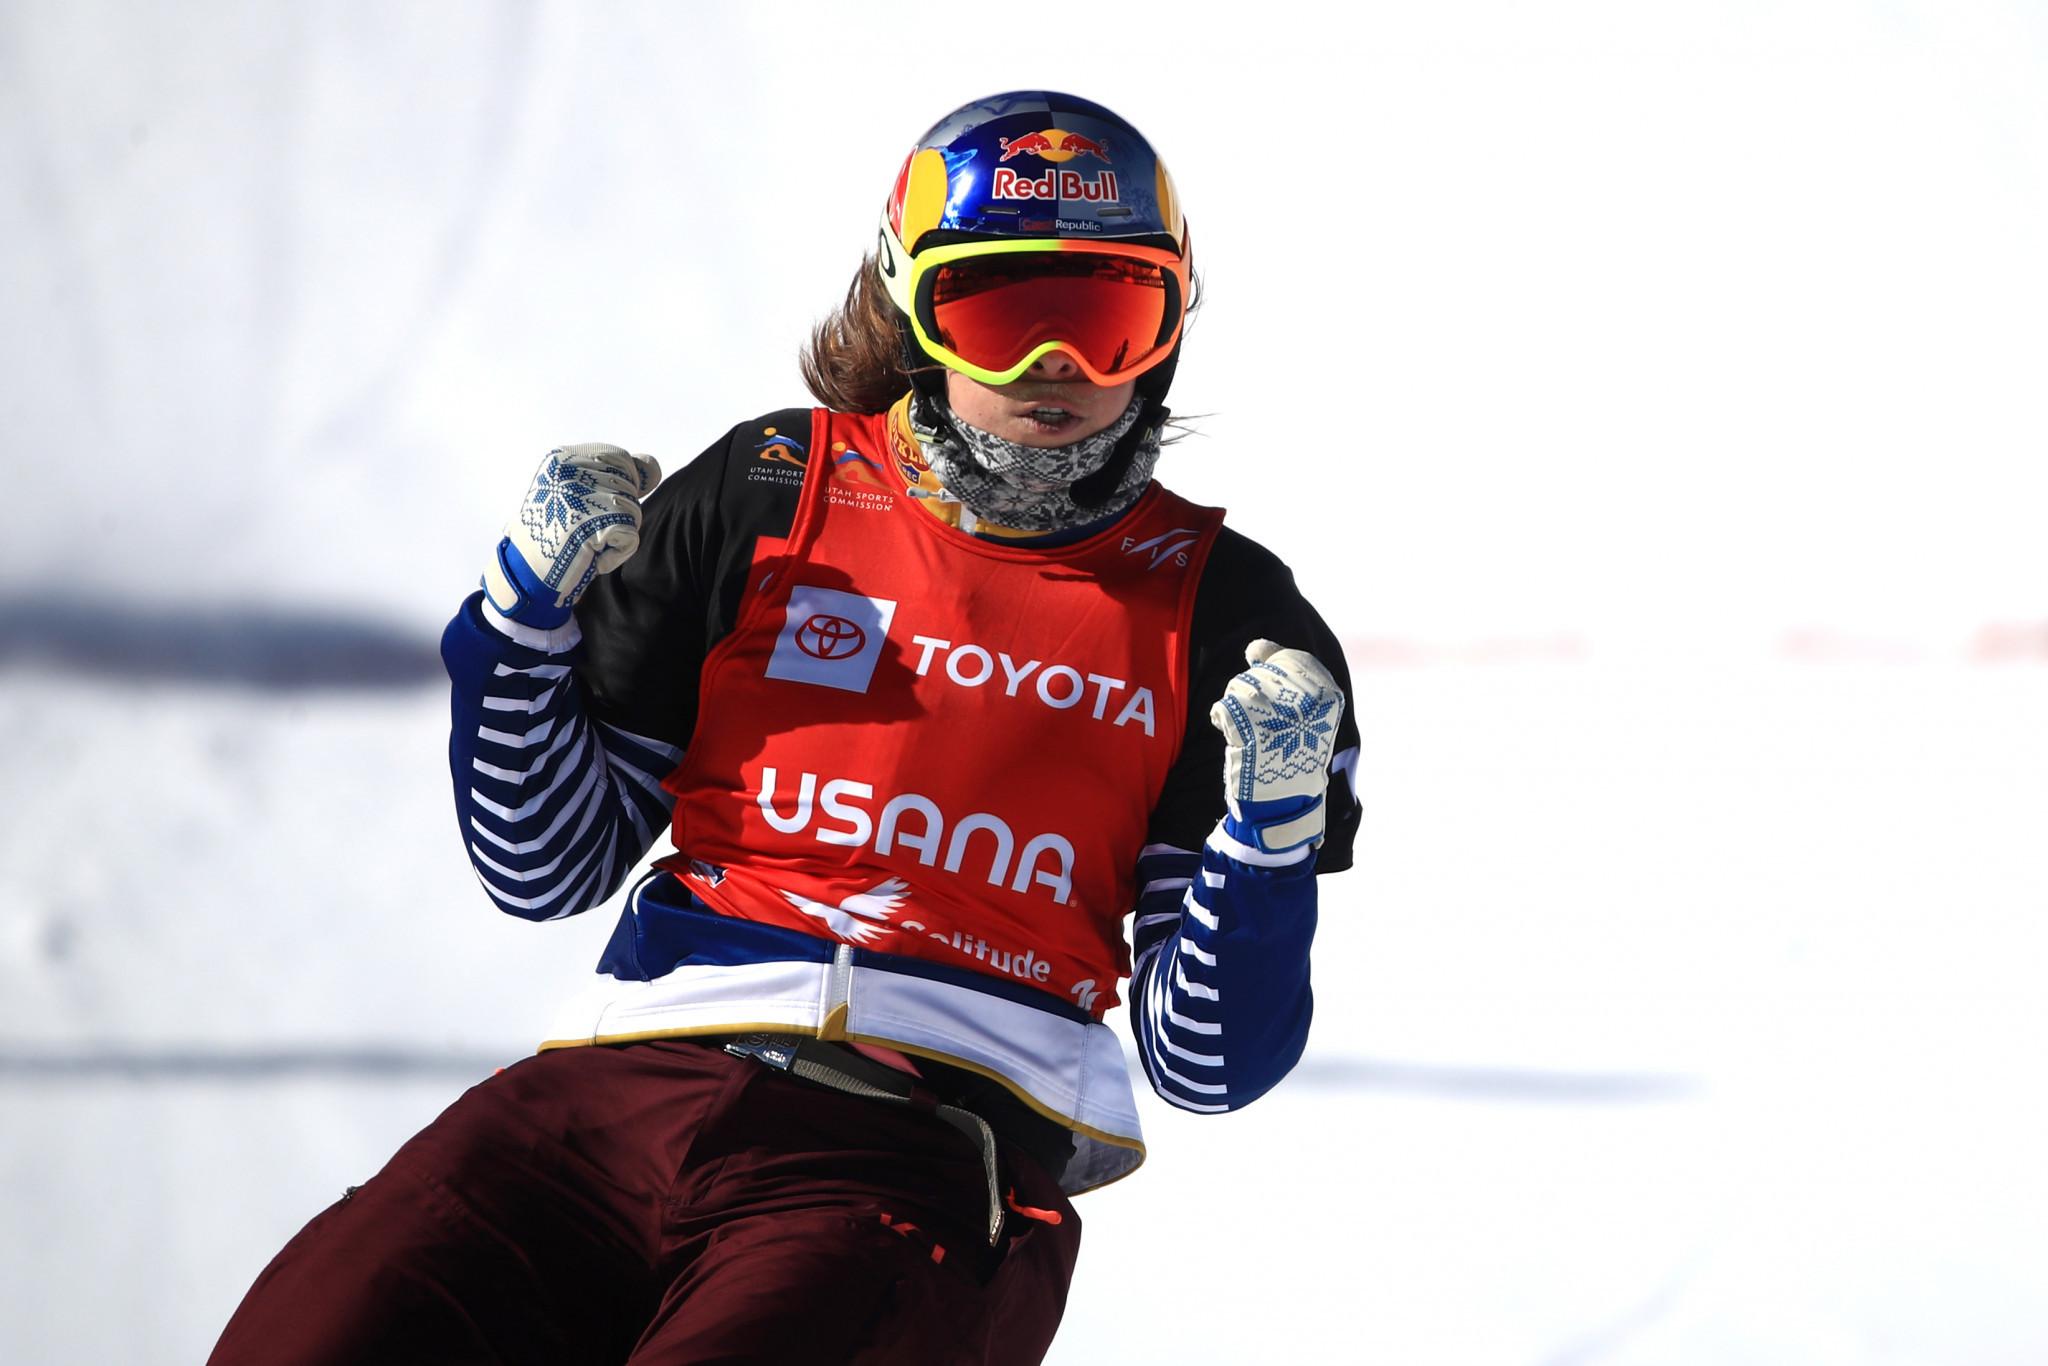 Samková and Dierdorff to defend snowboard cross world titles in Idre Fjäll